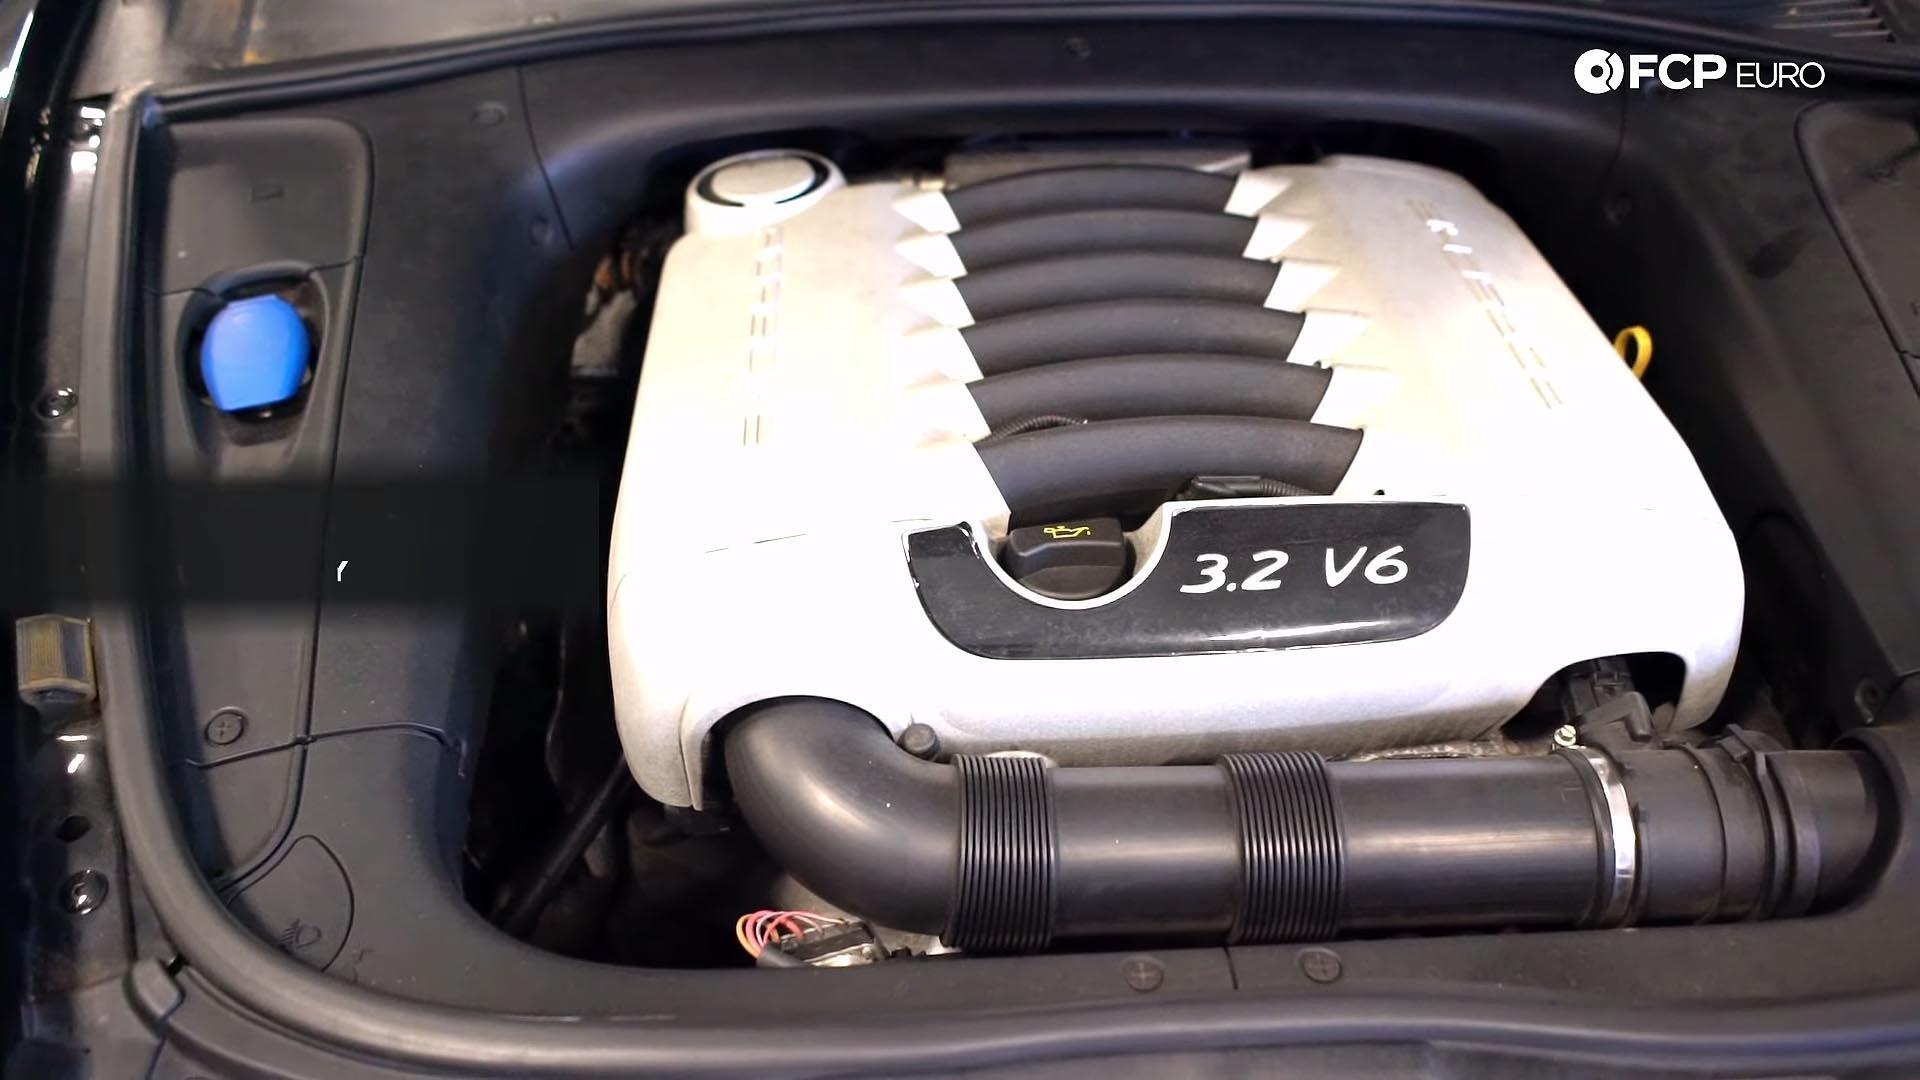 955 Porsche Cayenne Base 3.2 VR6 engine bay